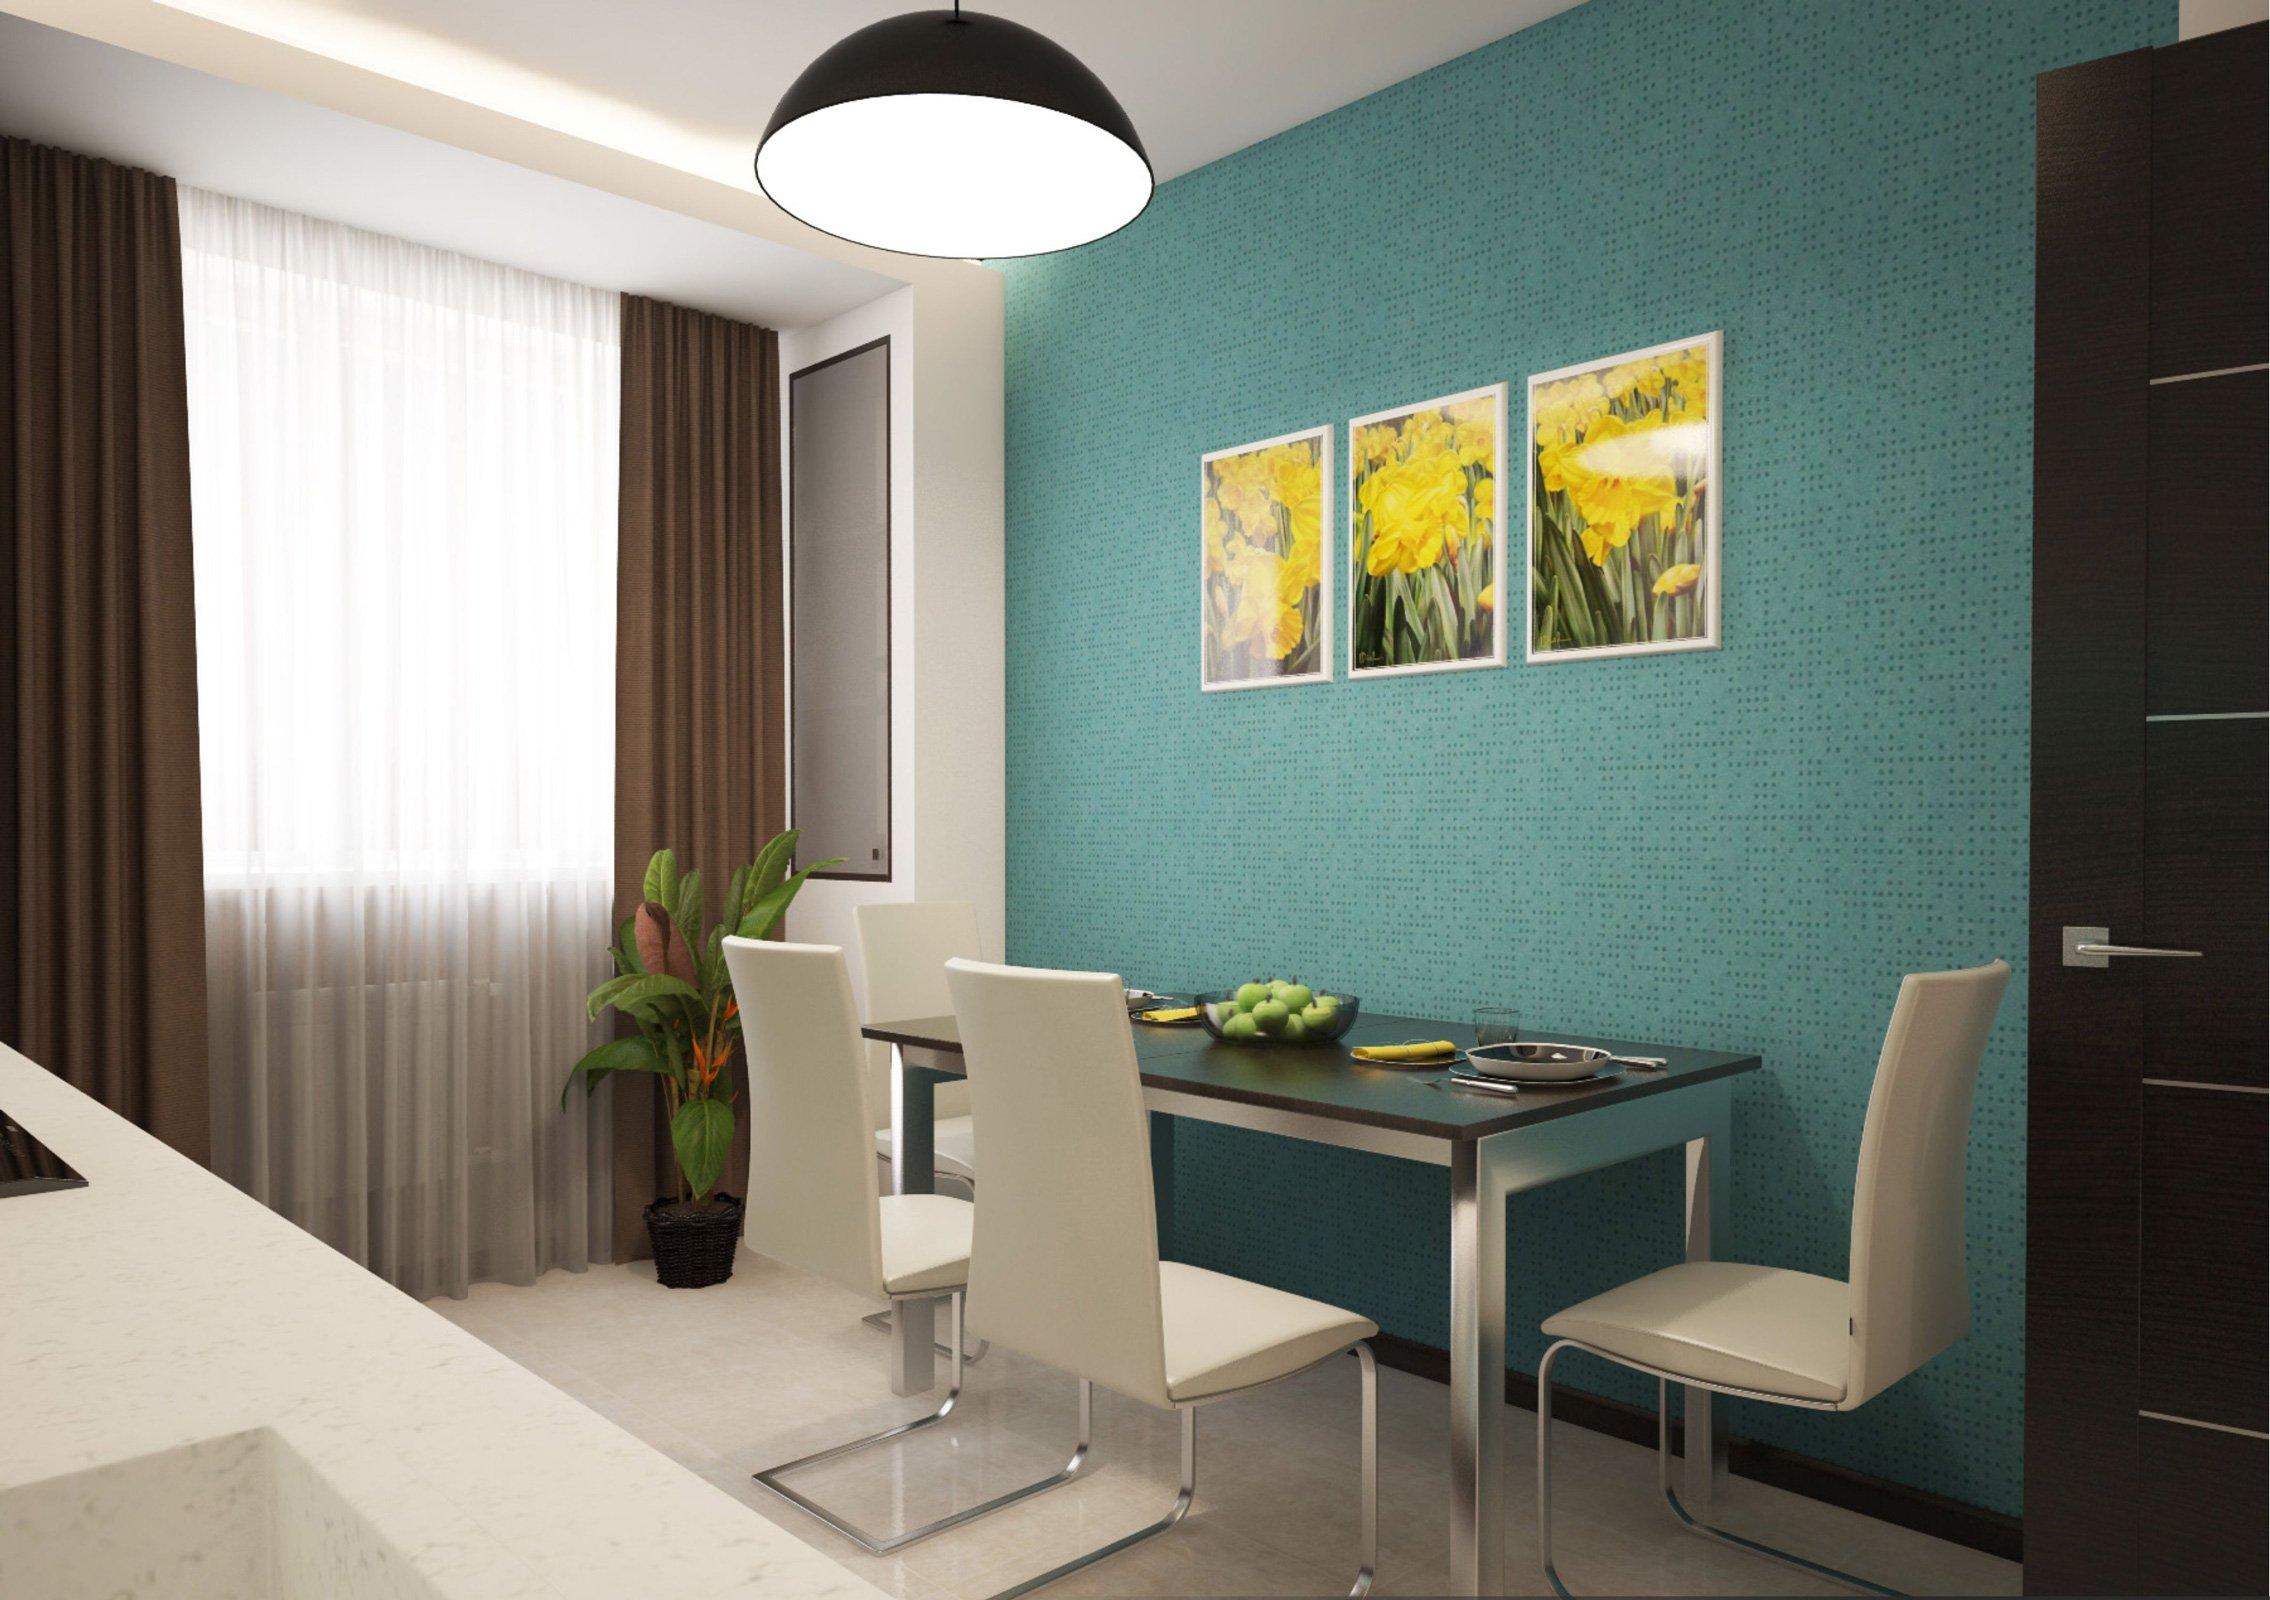 papier peint turquoise sur une petite cuisine